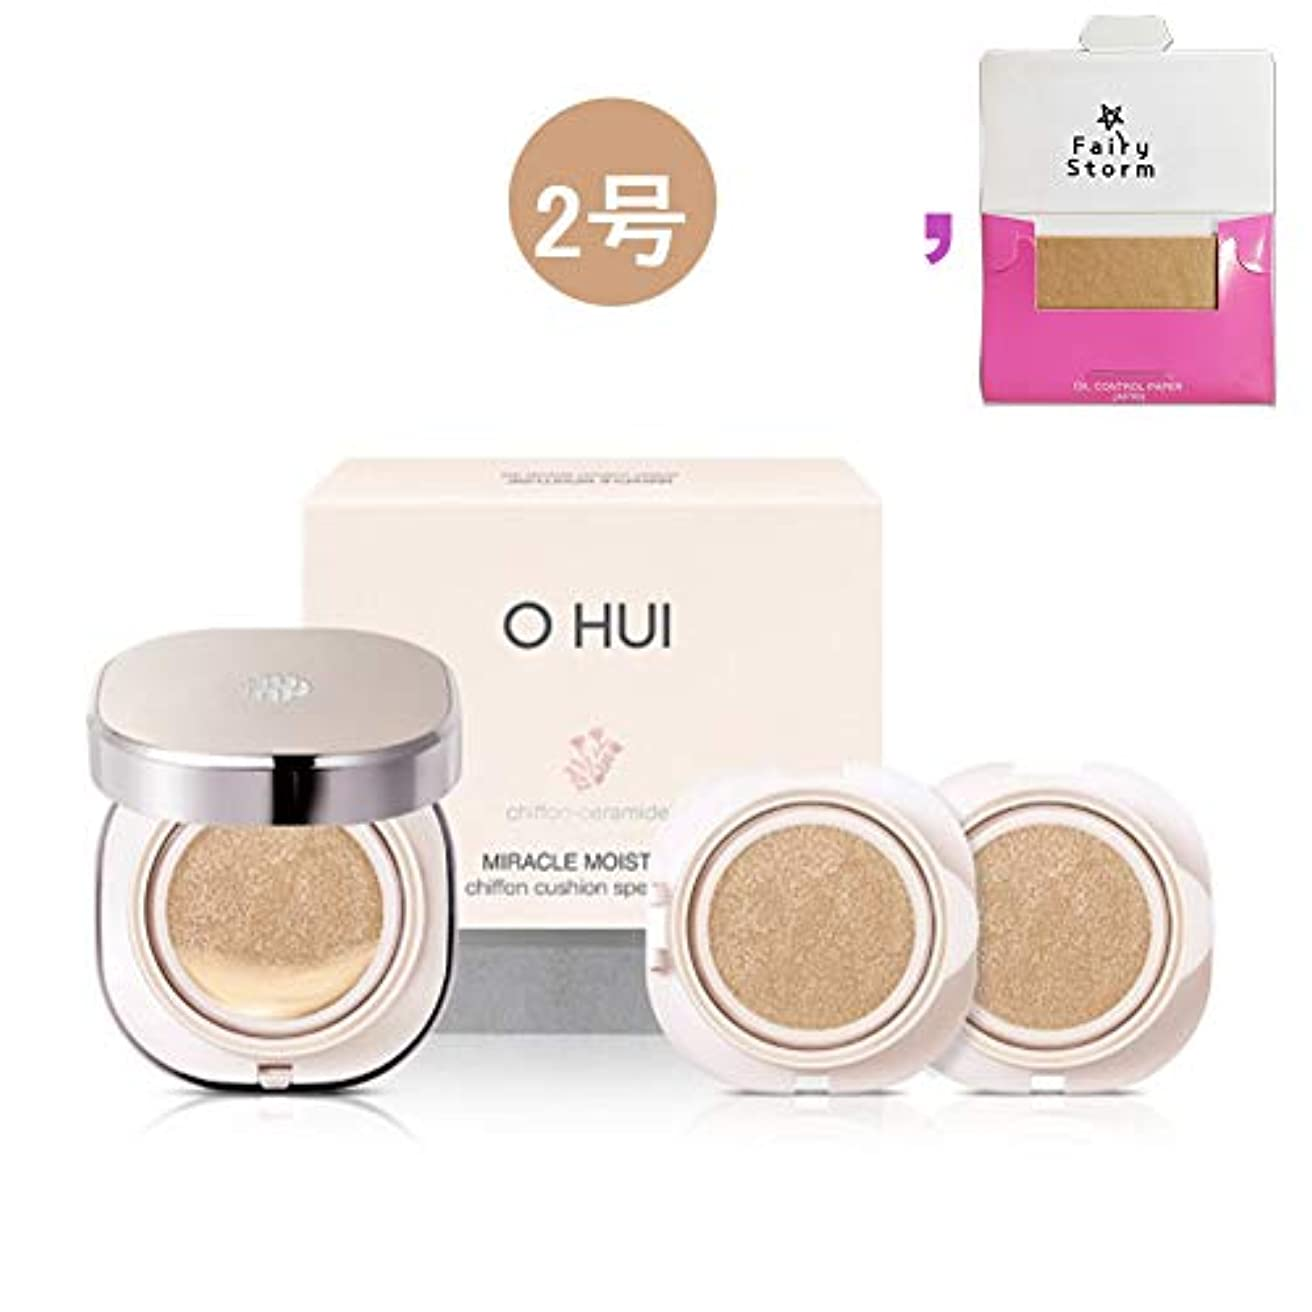 ラウンジ助言権限を与える[オフィ/ O HUI]韓国化粧品 LG生活健康/ohui Miracle Moisture shiffon cushion/ミラクル モイスチャーシフォンクッ ション + [Sample Gift](海外直送品) (2号)